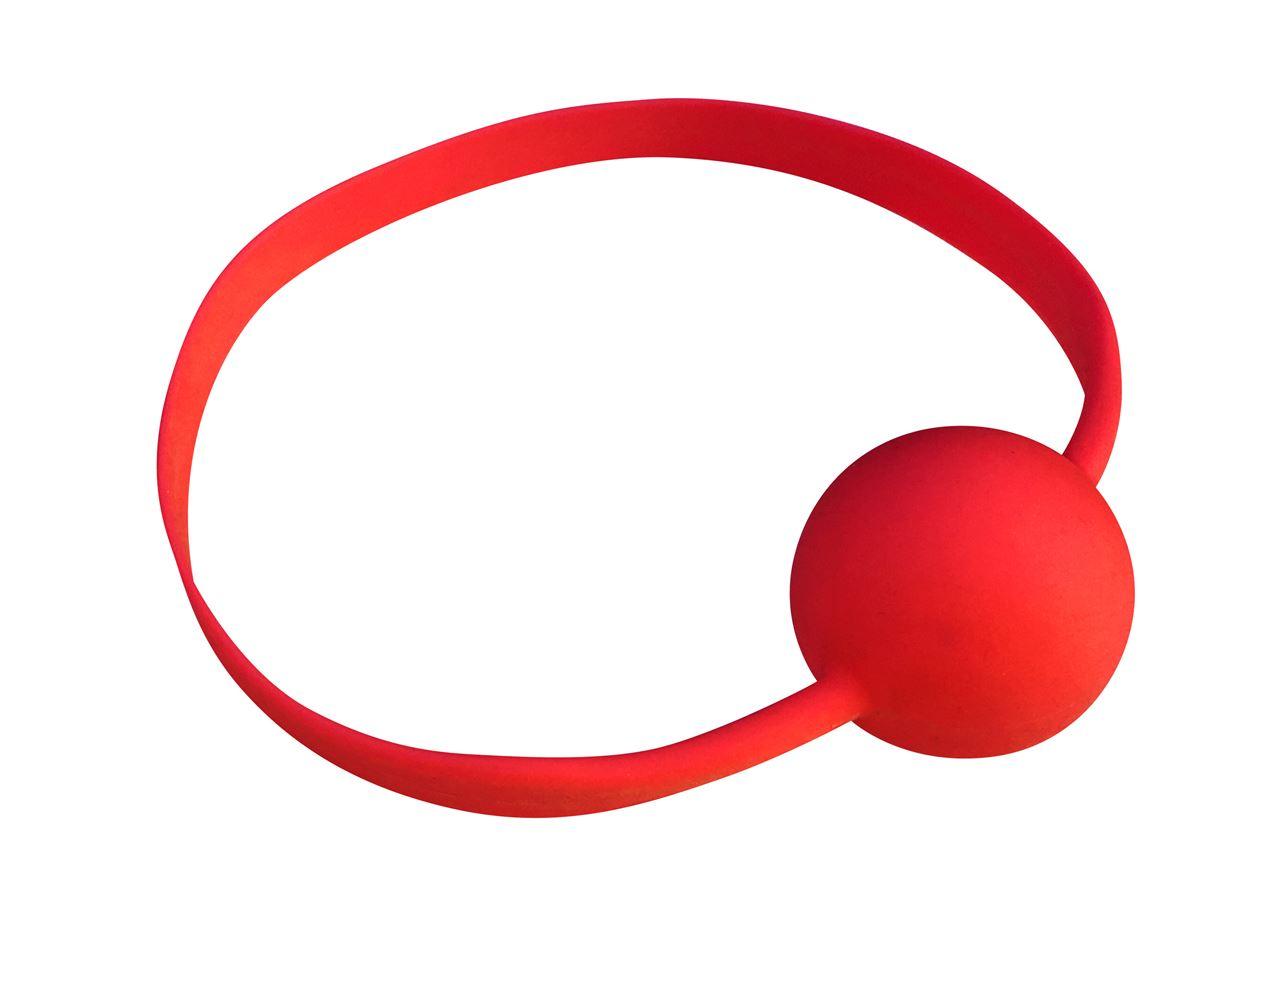 0019813_quickie-gag-large-ball-red_bunhlkn3k9syfbh9.jpeg